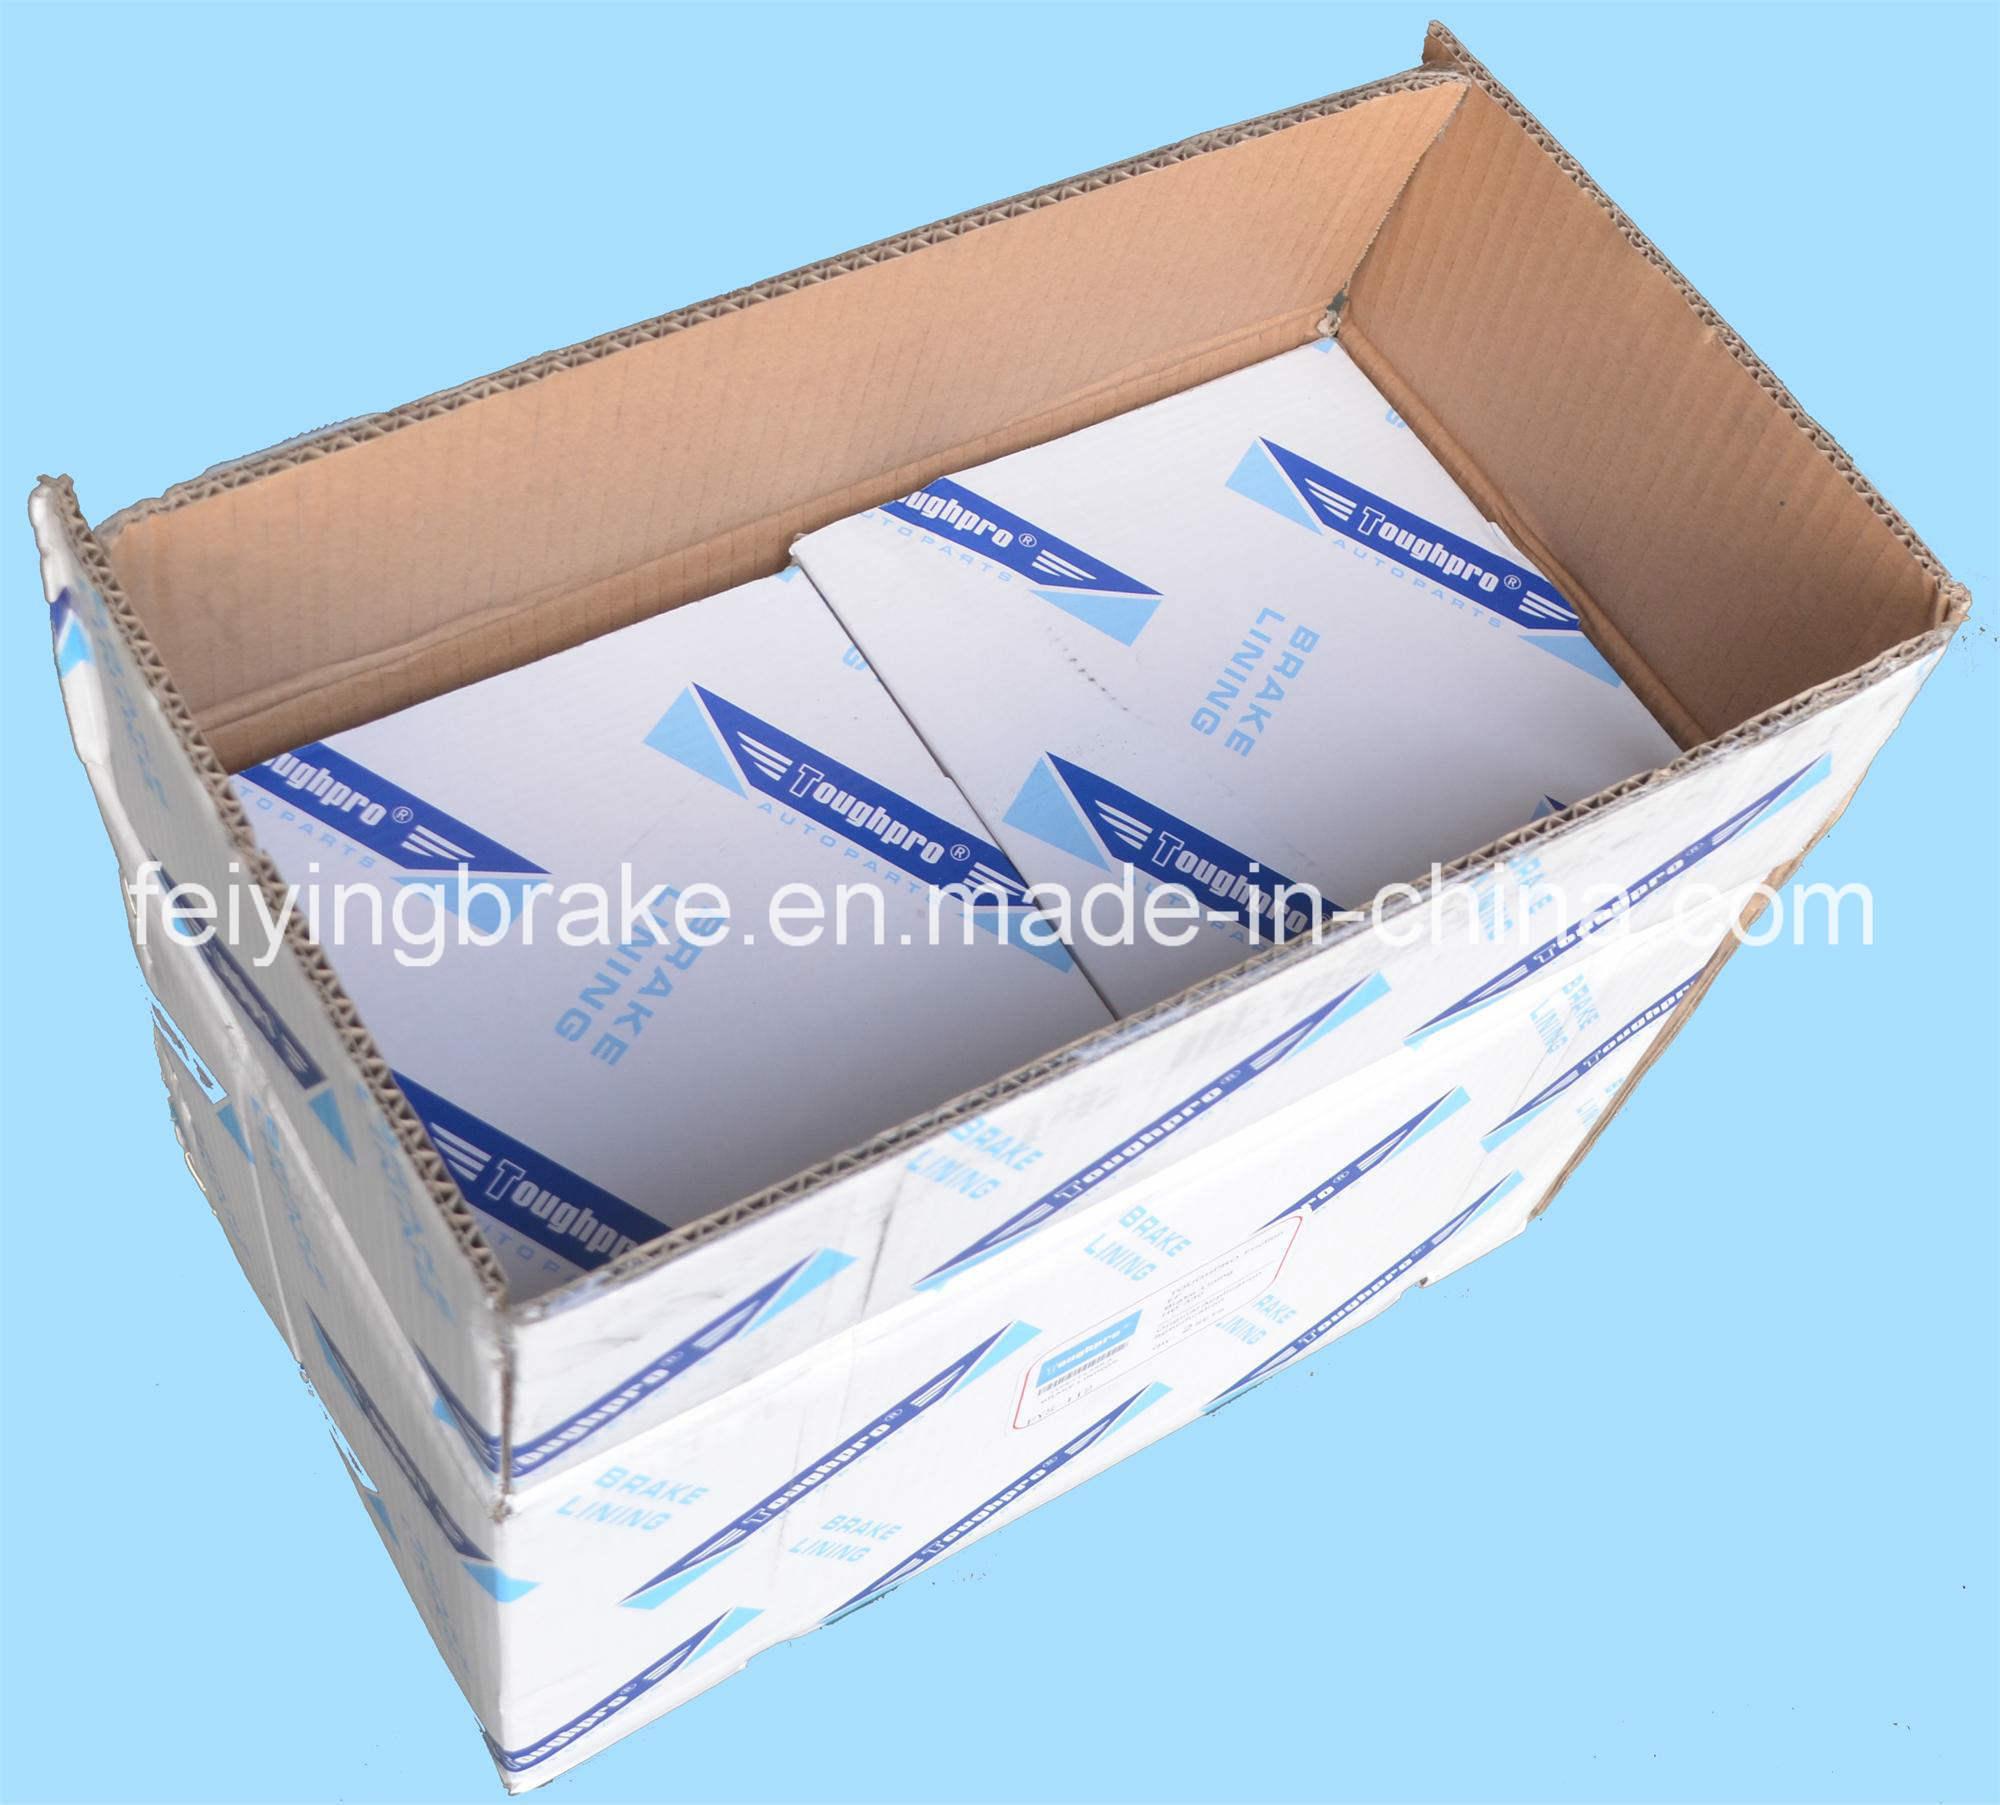 Japanese Truck 41039-90278 Brake Lining Asbestos Free